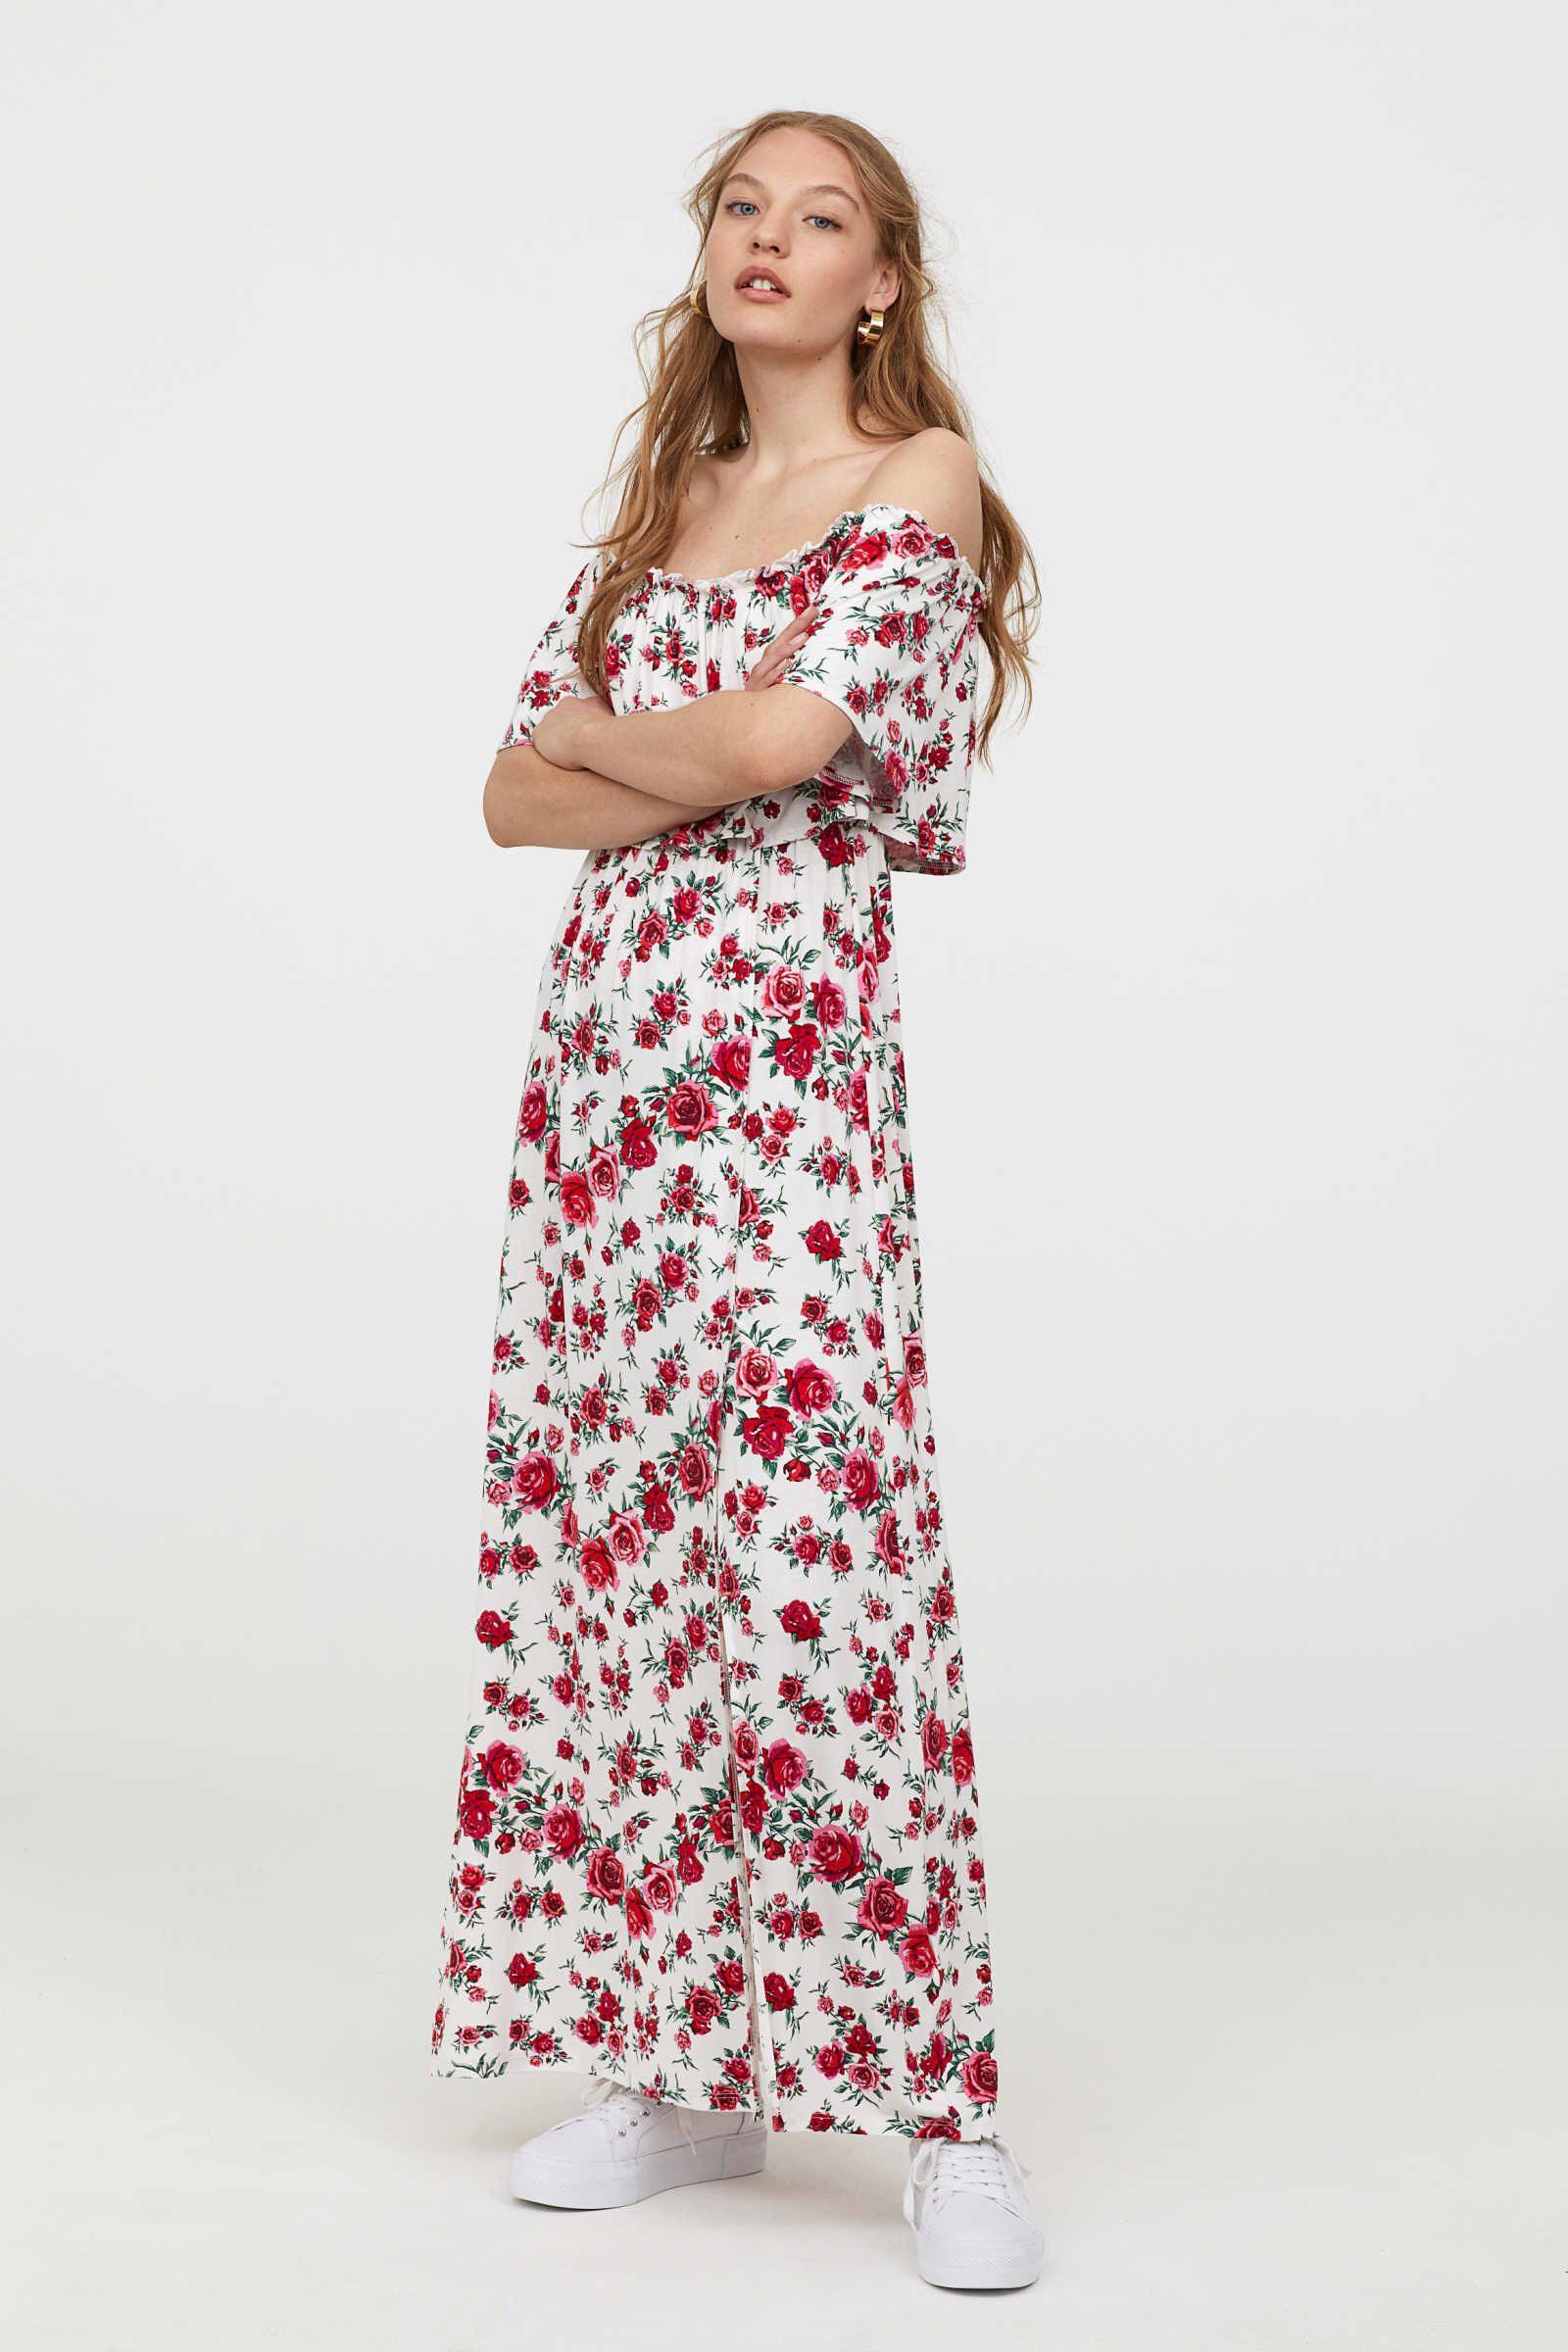 H&m Kleid In Boho Look | Modestil, Kleider H&m - Abendkleid